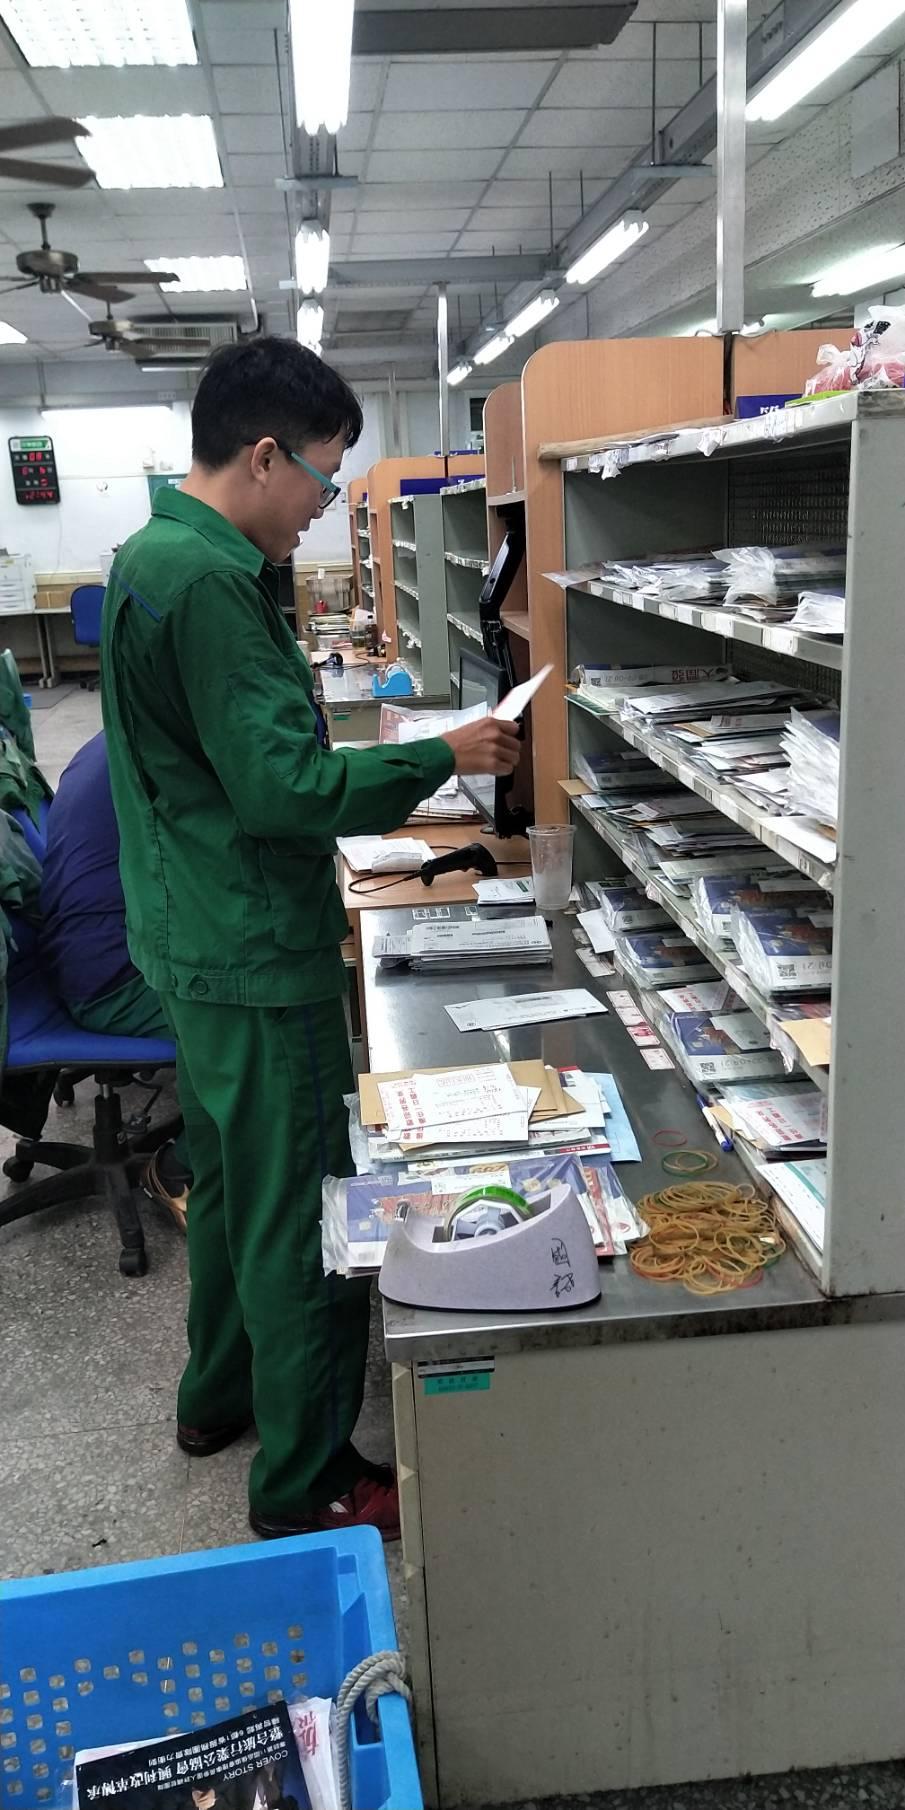 遇事有變通性,投遞途中若遇收件人不在家,該員會事先記下收件人上班地點,並商請其他同事將信件投至上班處,以提升郵局服務品質及工作效率。